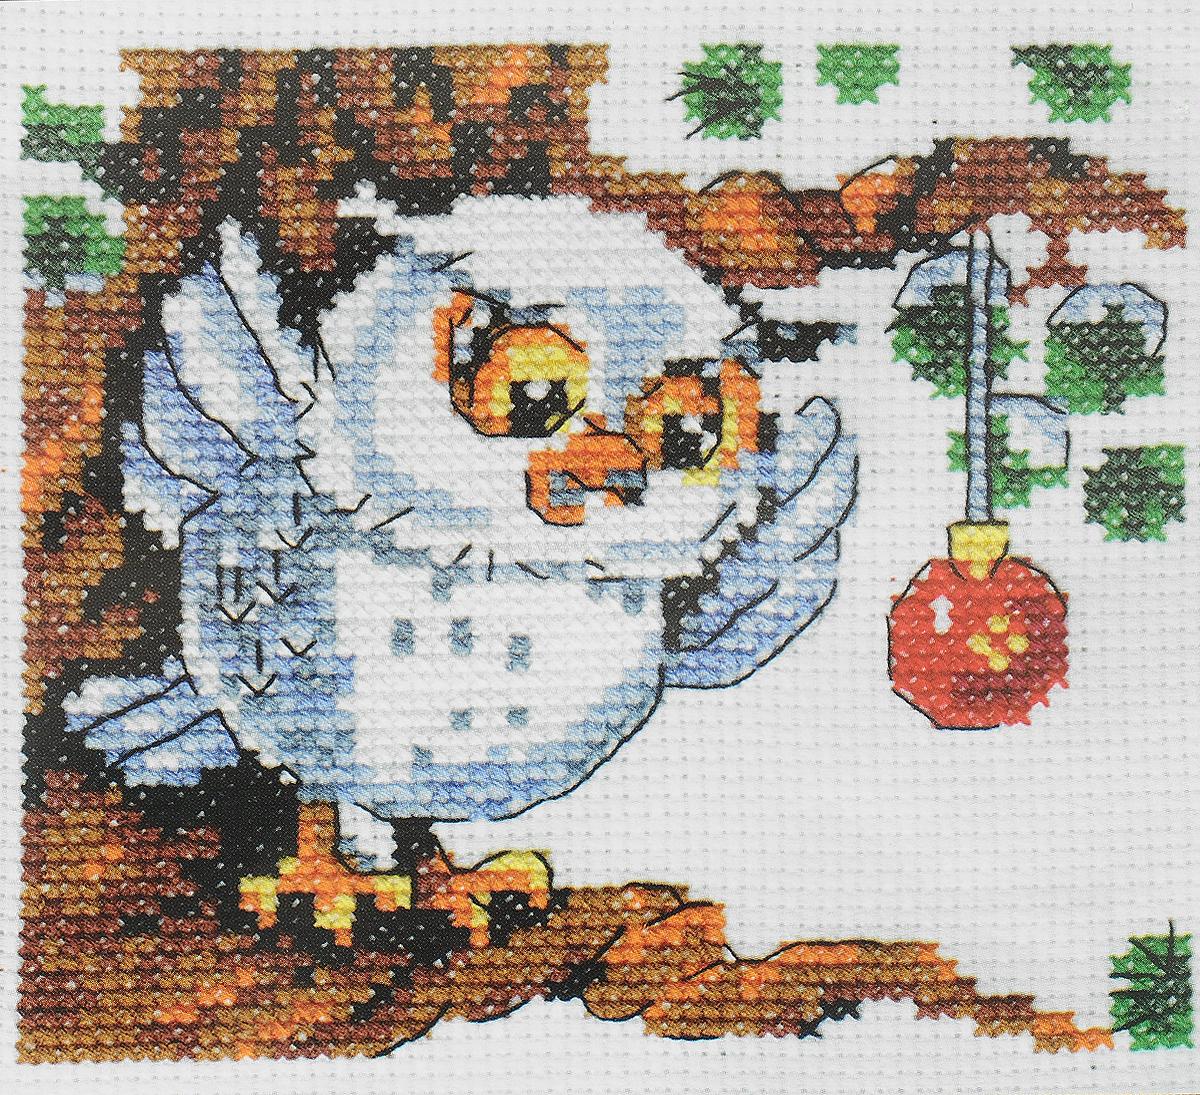 Набор для вышивания крестом Кларт Сова и шарик, 11 x 10 см набор для вышивания крестом кларт лицо птицы 8 x 13 см